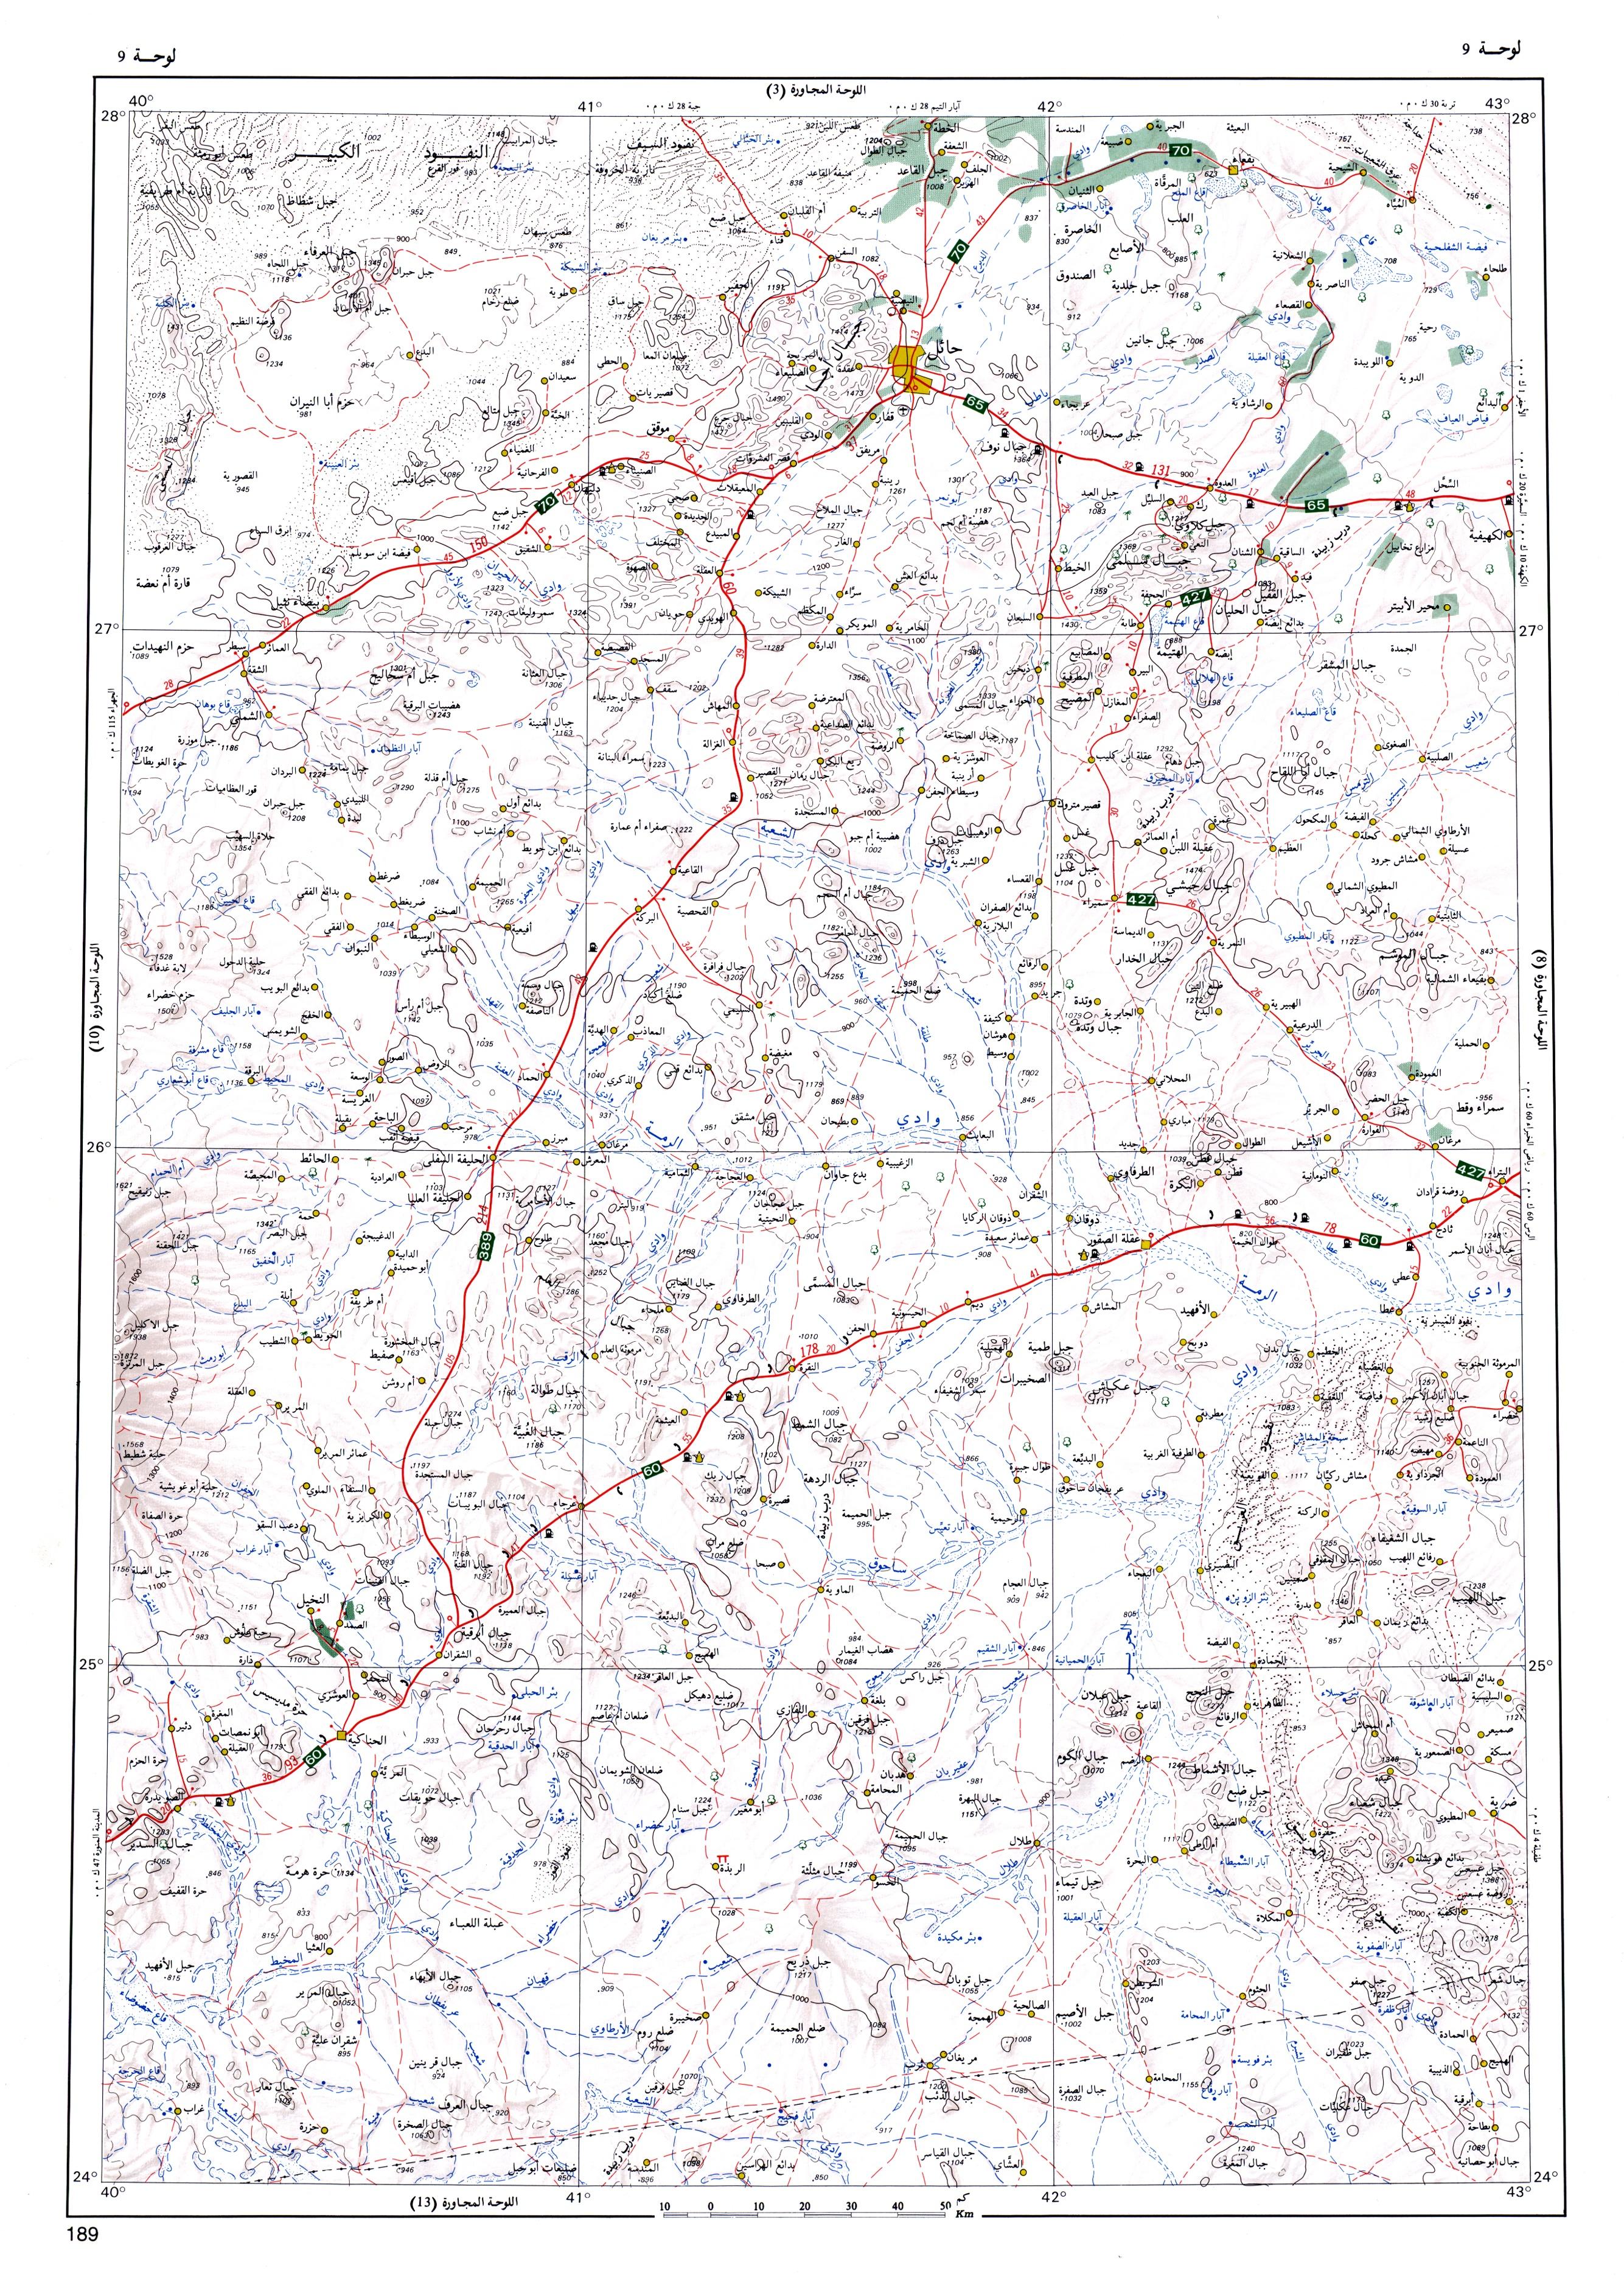 خرائط تفصيليه لمناطق اللمملكة العربية Fig-09.jpg